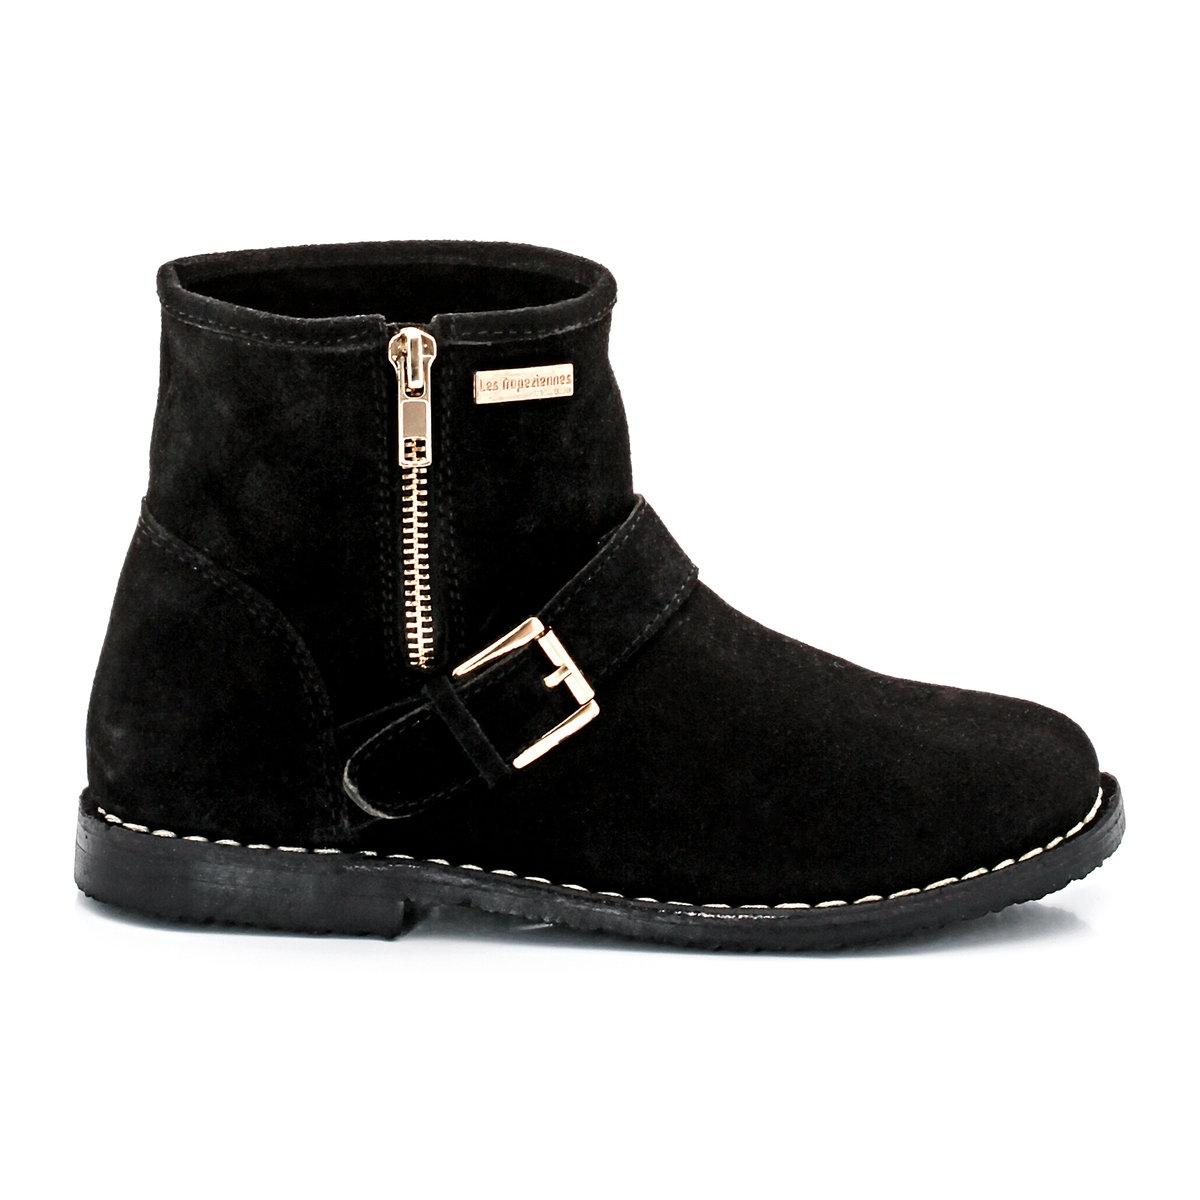 Сапоги Louange из невыделанной кожиОригинальная застежка на молнию и стильные детали - модные сапоги в рокерском стиле доставят удовольствие ребенку в этом сезоне!<br><br>Цвет: черный<br>Размер: 33